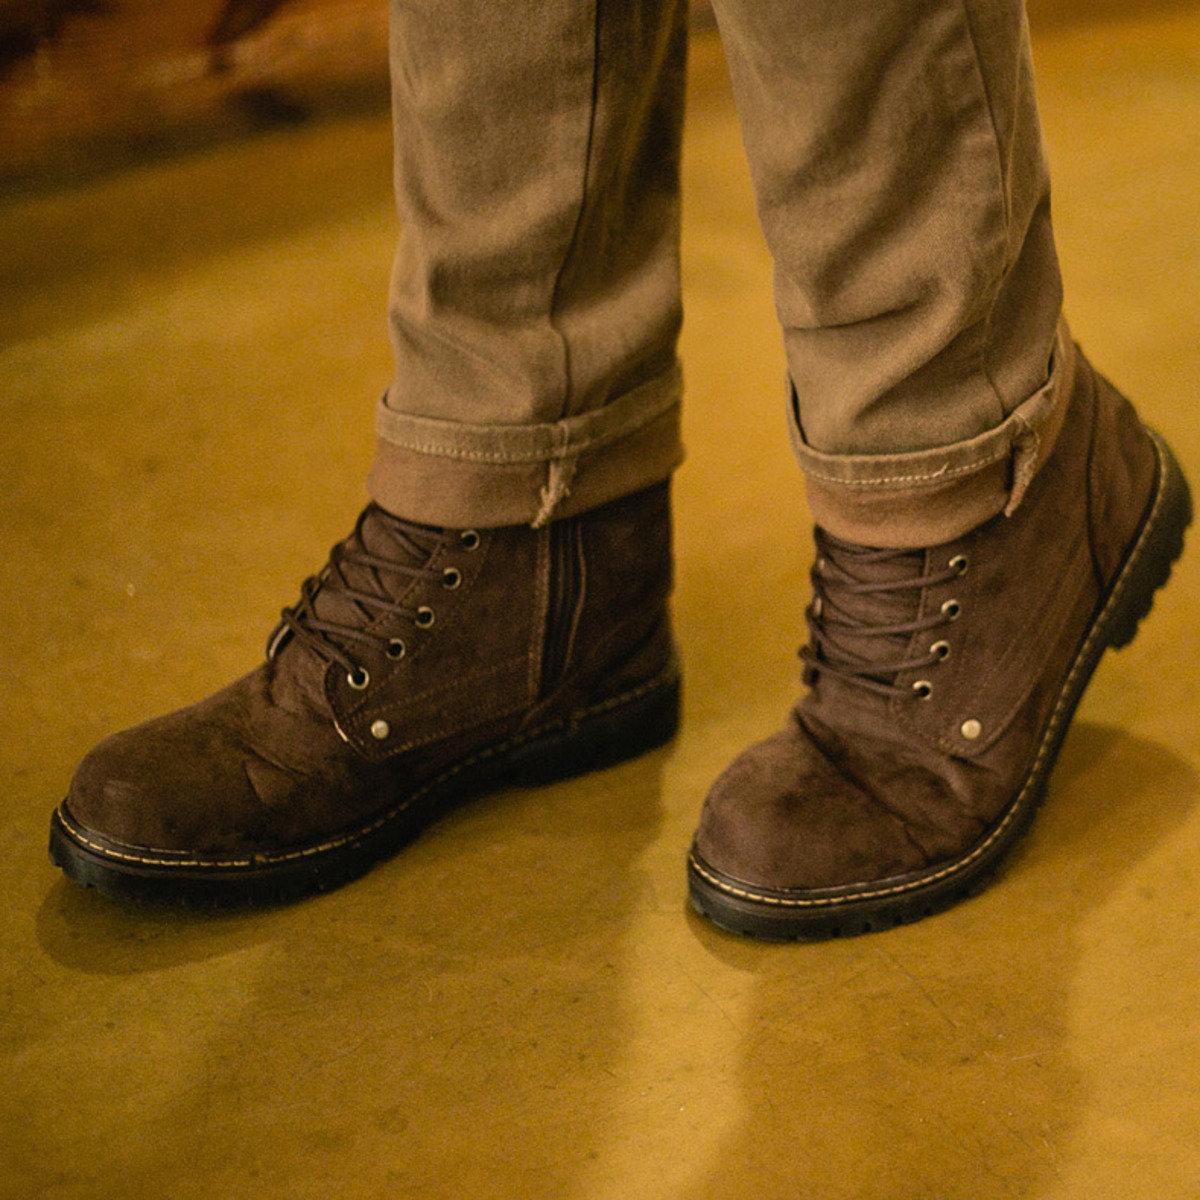 Lucid 拉鏈皮靴_SH6_151209191